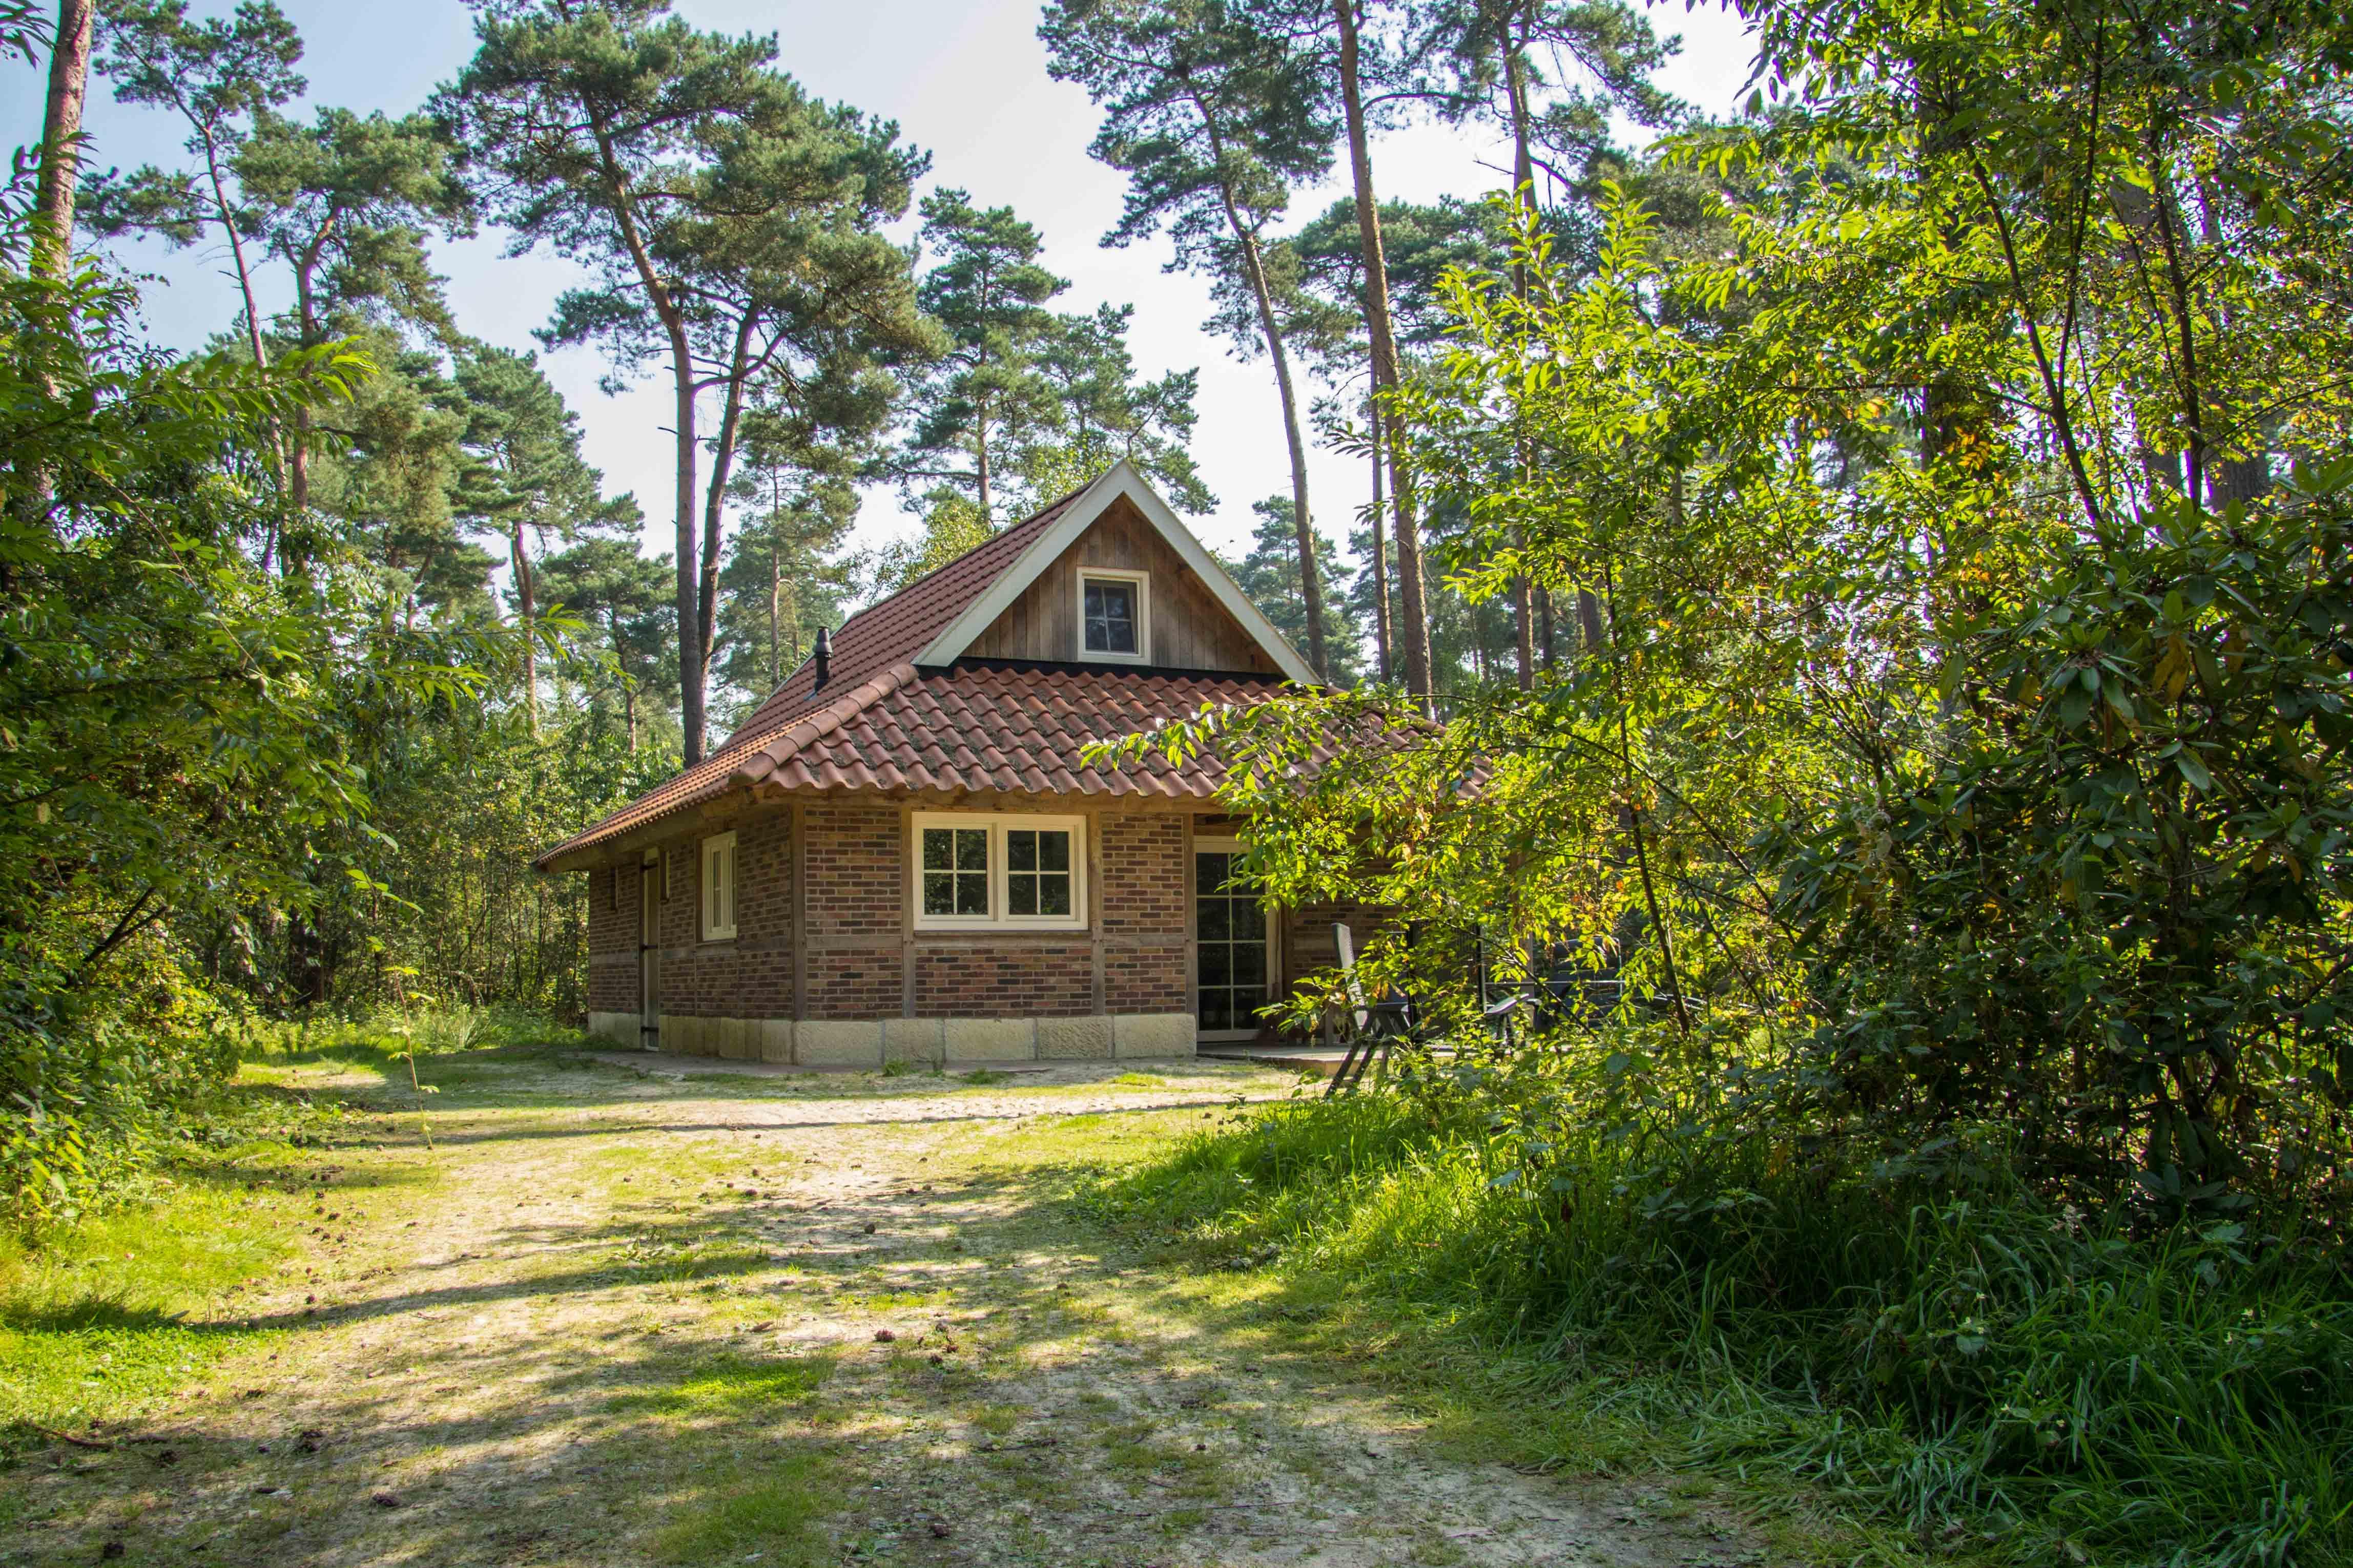 Huisje 12h landgoed lutterzand for Klein huisje in bos te koop